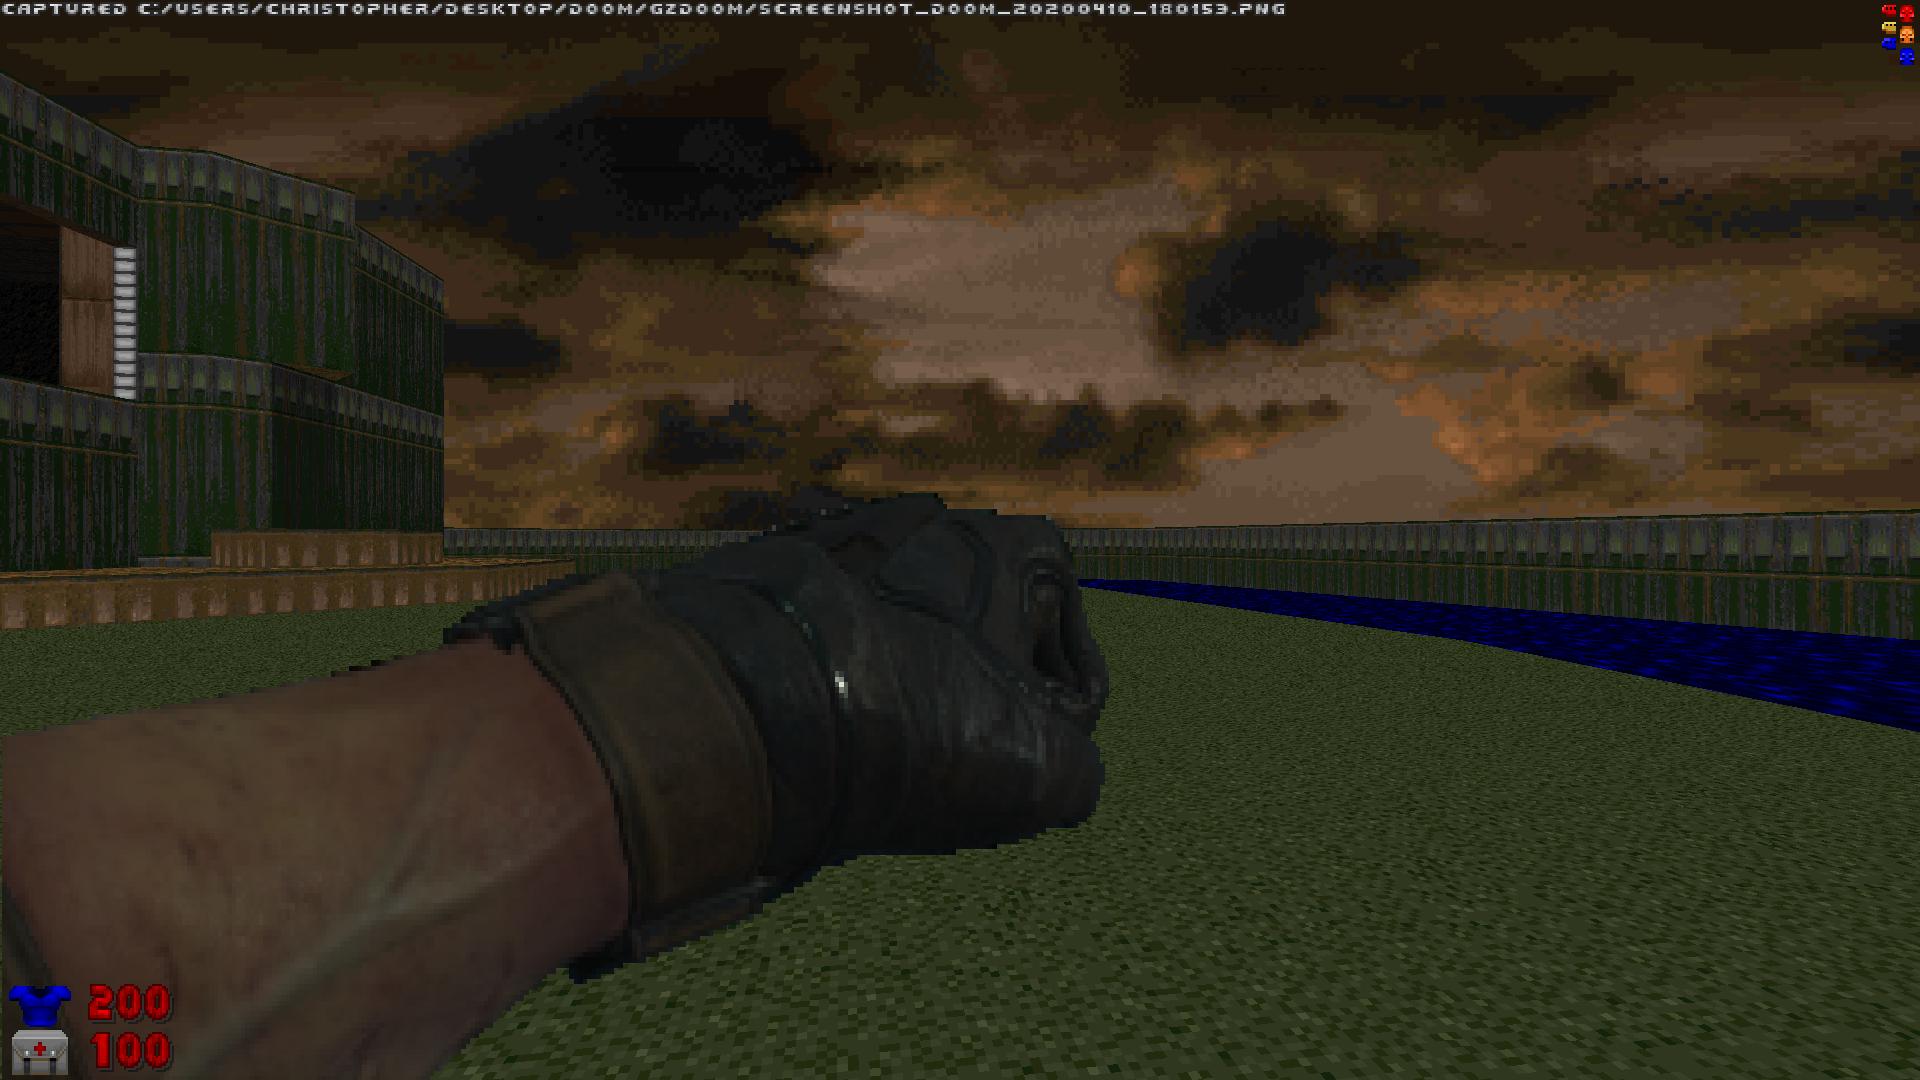 Screenshot_Doom_20200410_180154.png.721847ba106a8f5cb238e312f2ca87e7.png